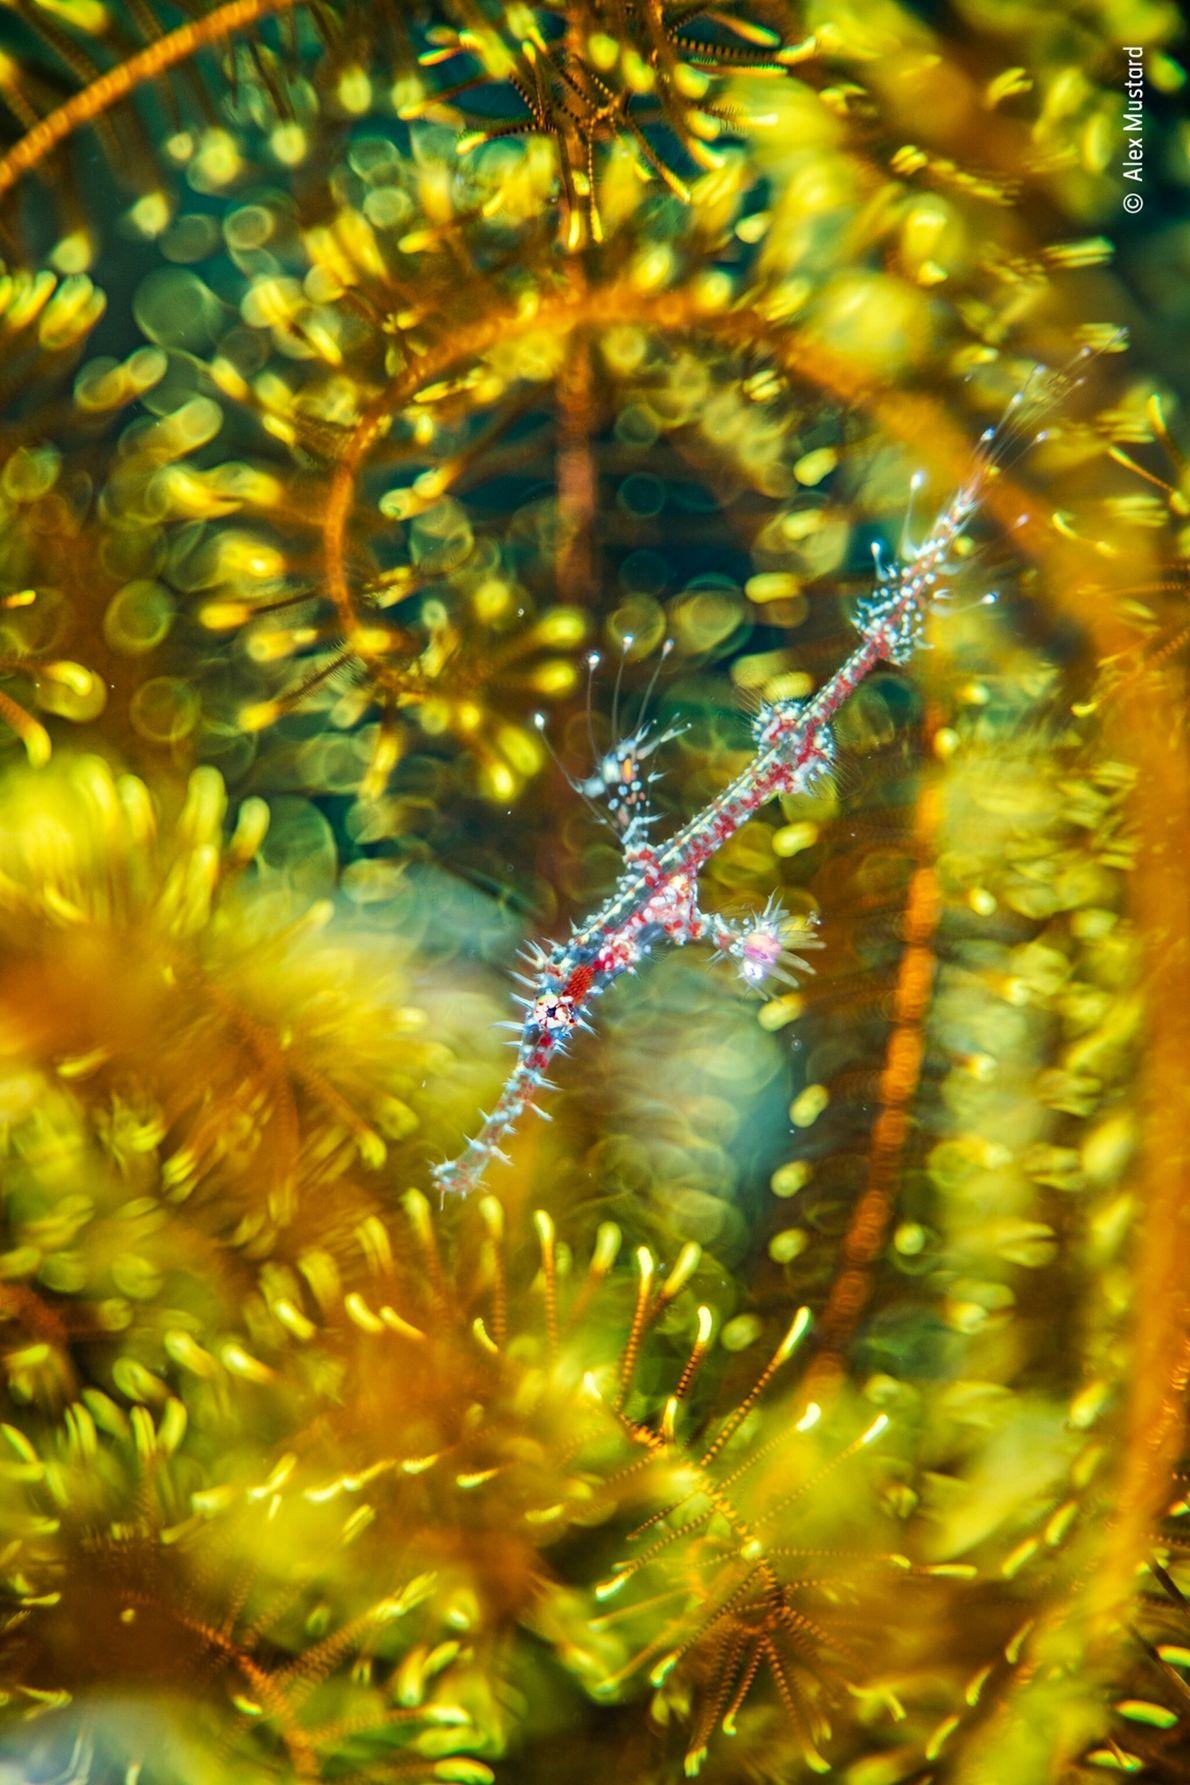 Alex Mustard, que vive en el Reino Unido, encontró un pez pipa fantasma arlequín escondido entre los ...